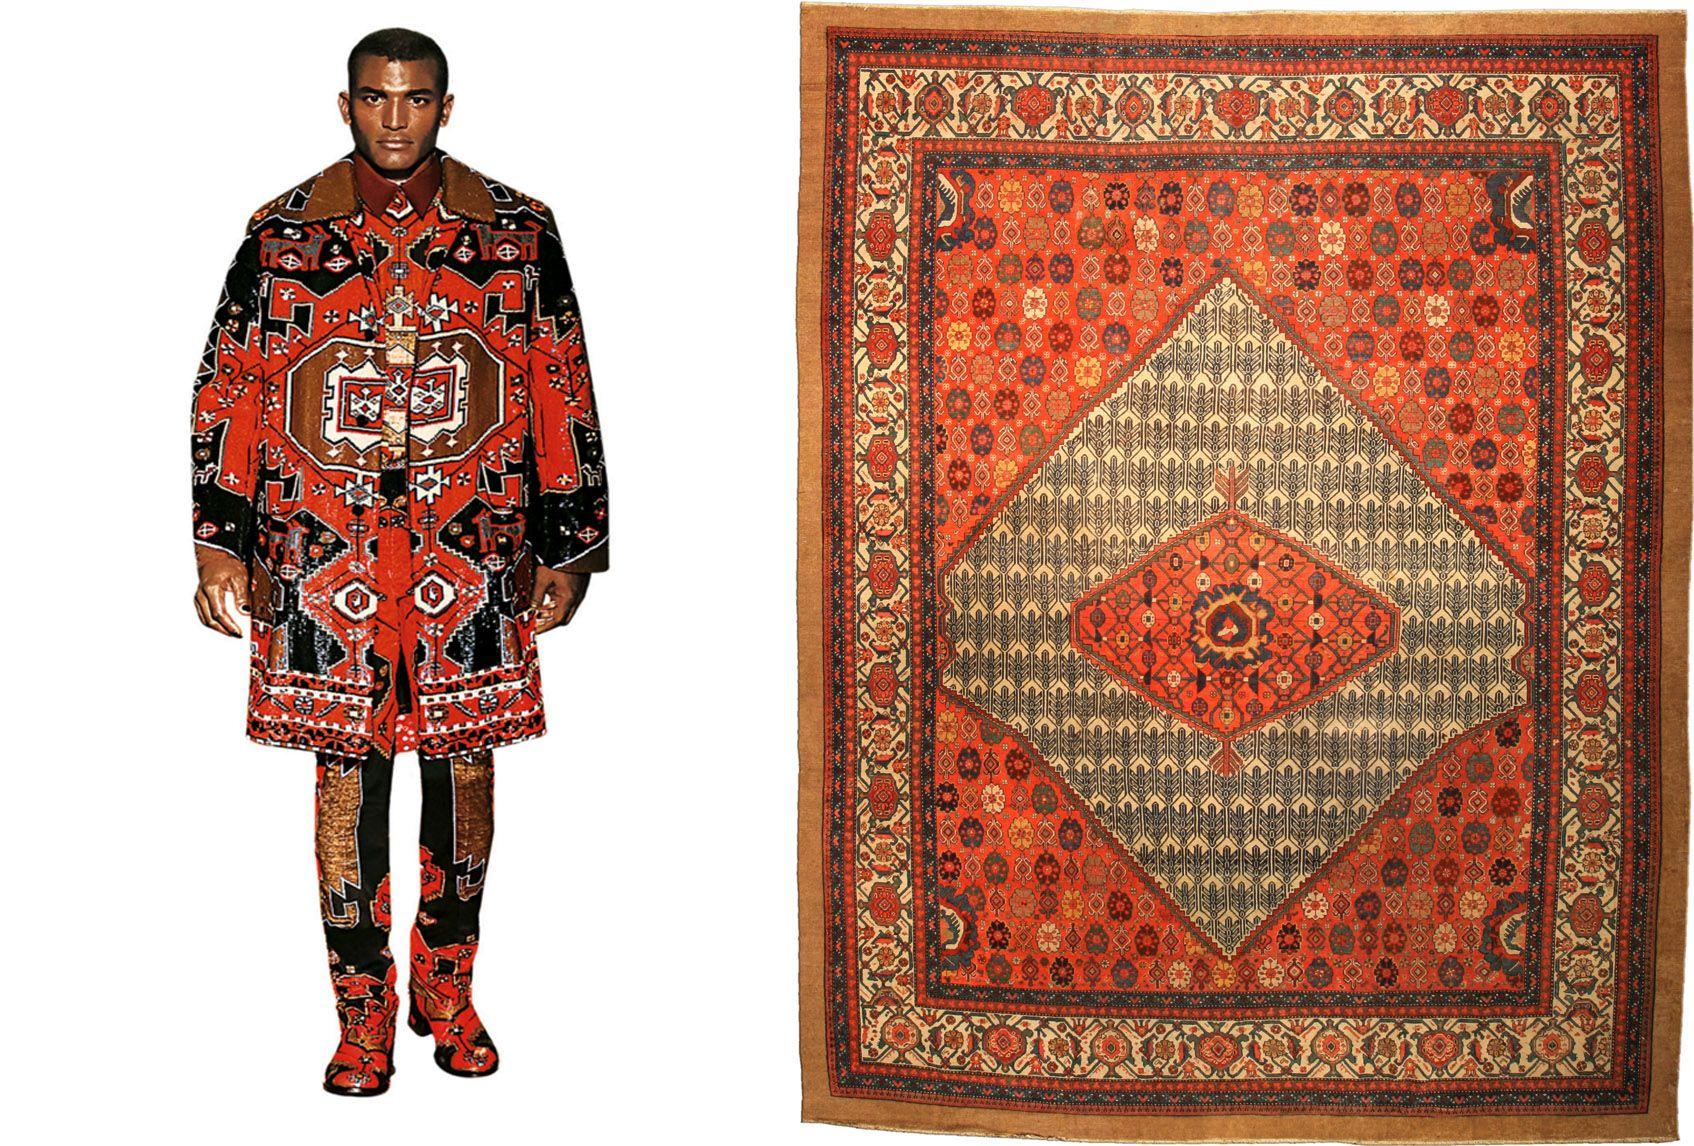 Where fashion meets carpet